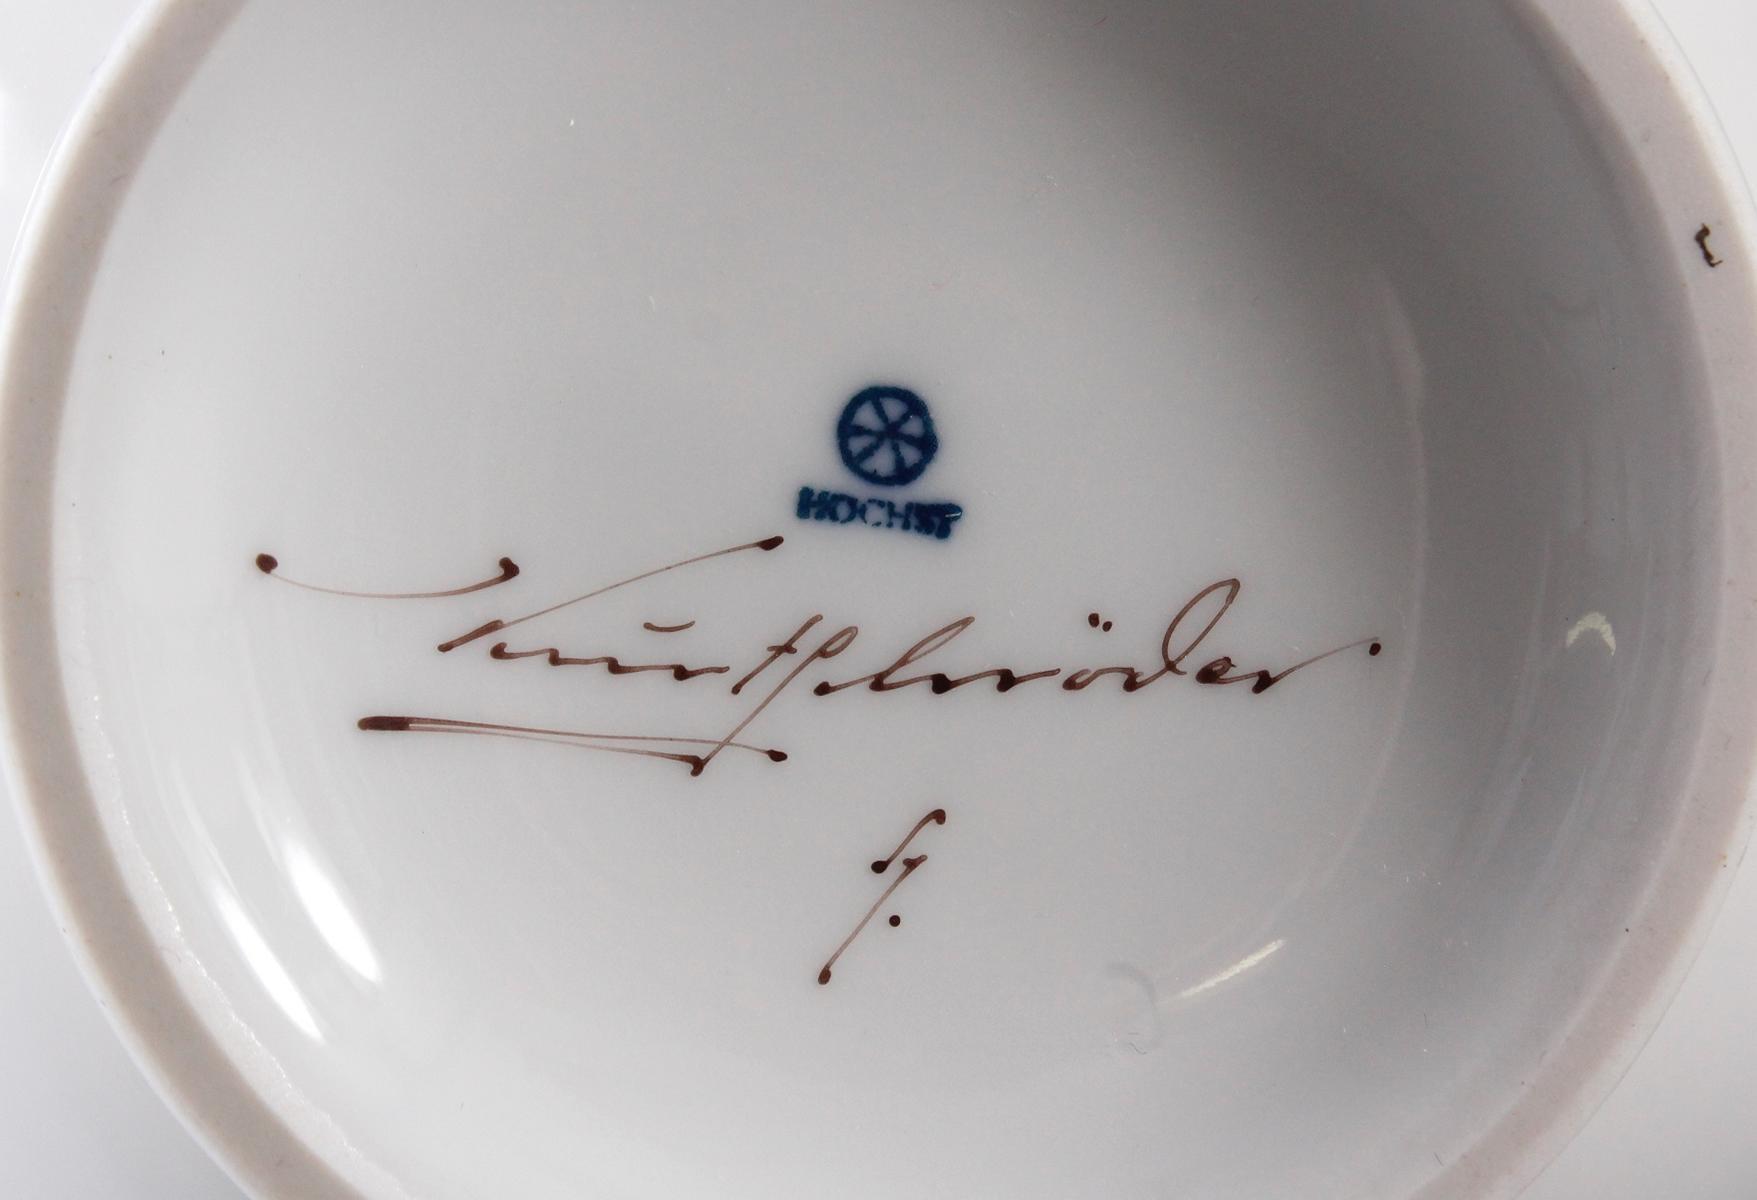 Vase, Höchster Porzellanmanufaktur, signiert Kurt Schröder (1927 – 2008)-5